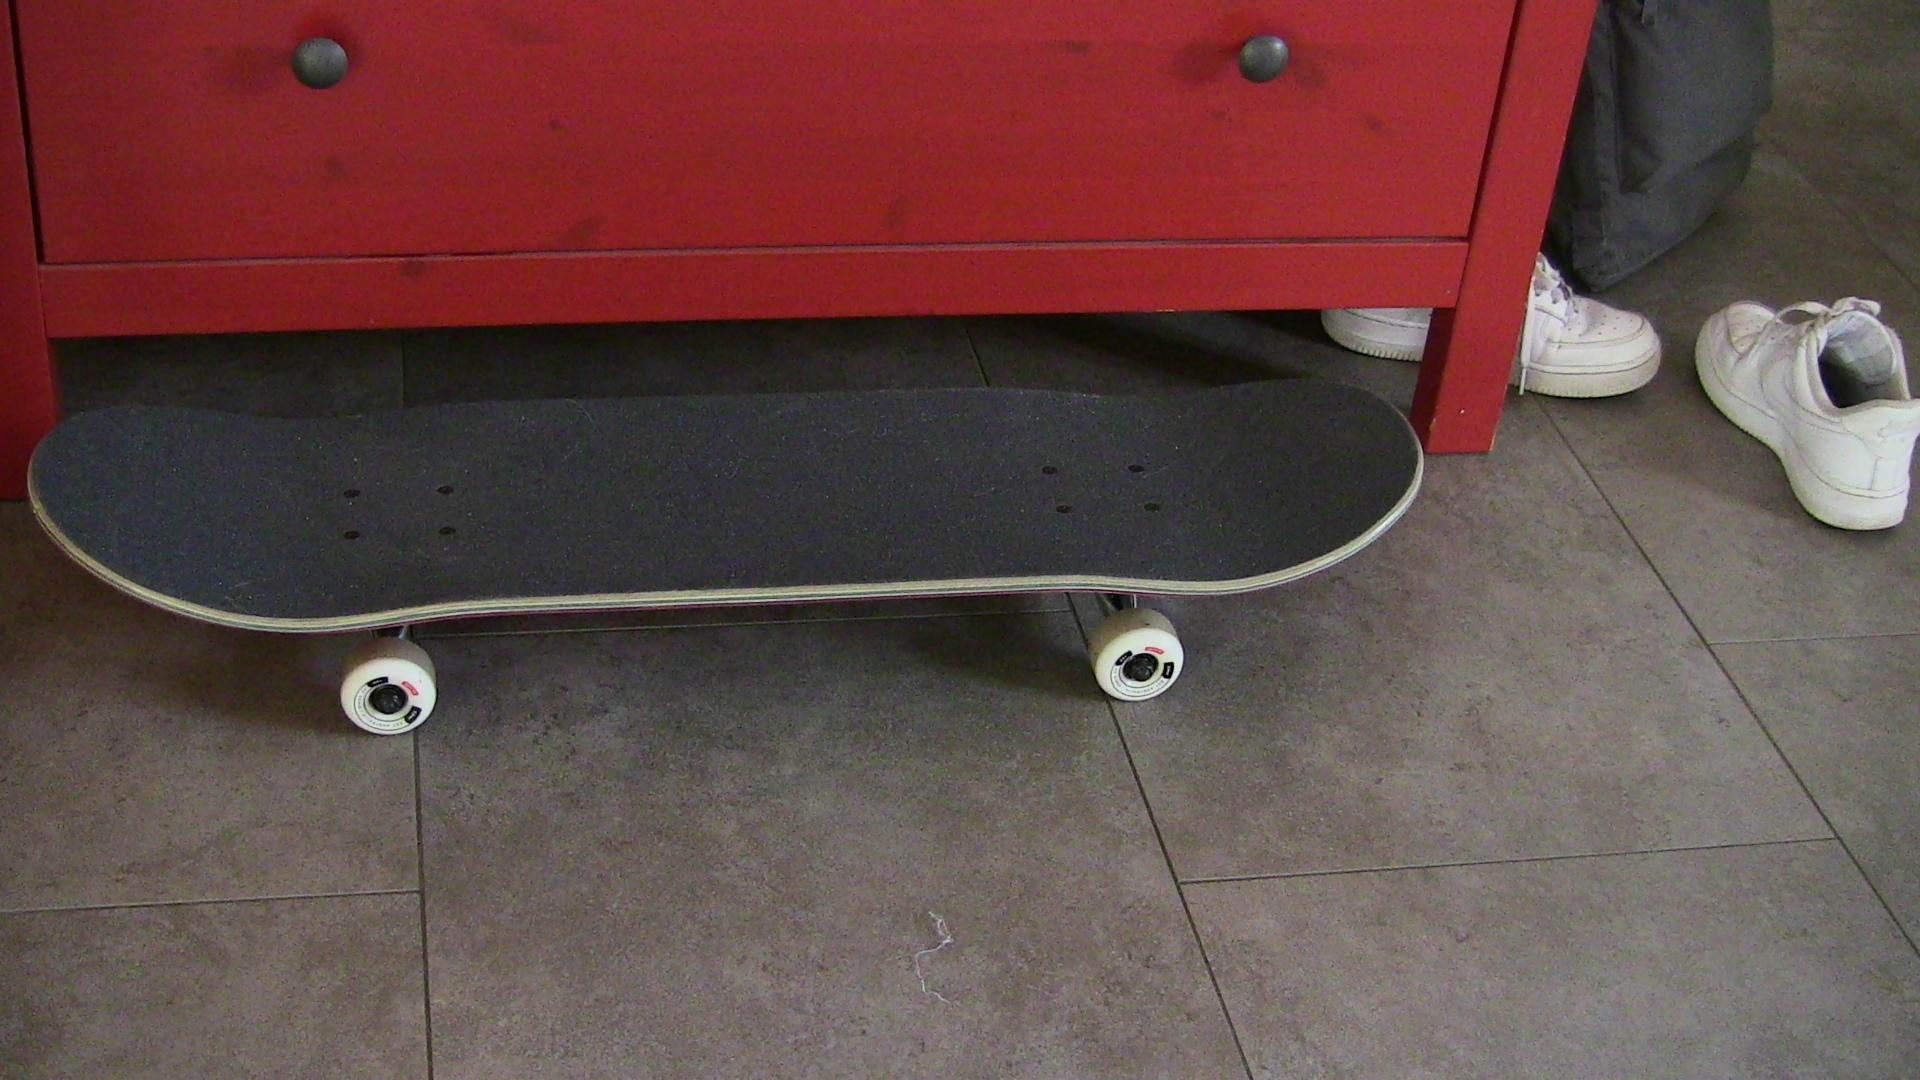 Skateboard vor rotem Schränkchen